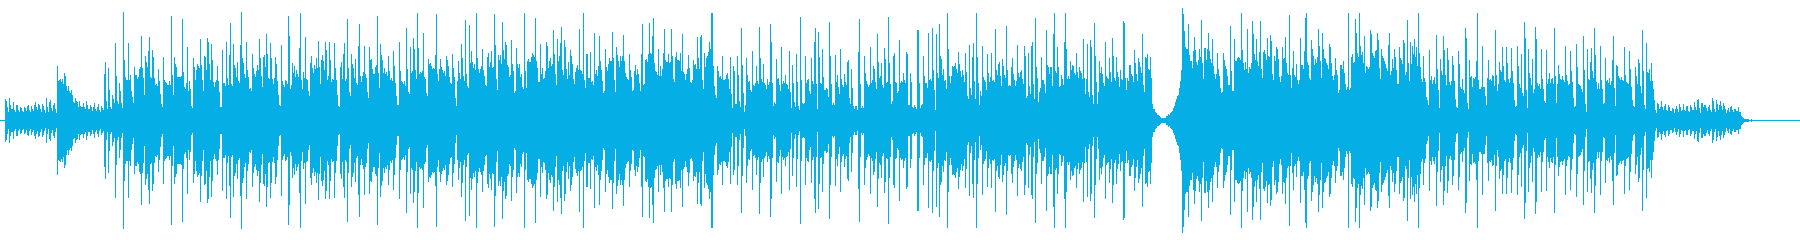 ワクワクした日常系BGMの再生済みの波形